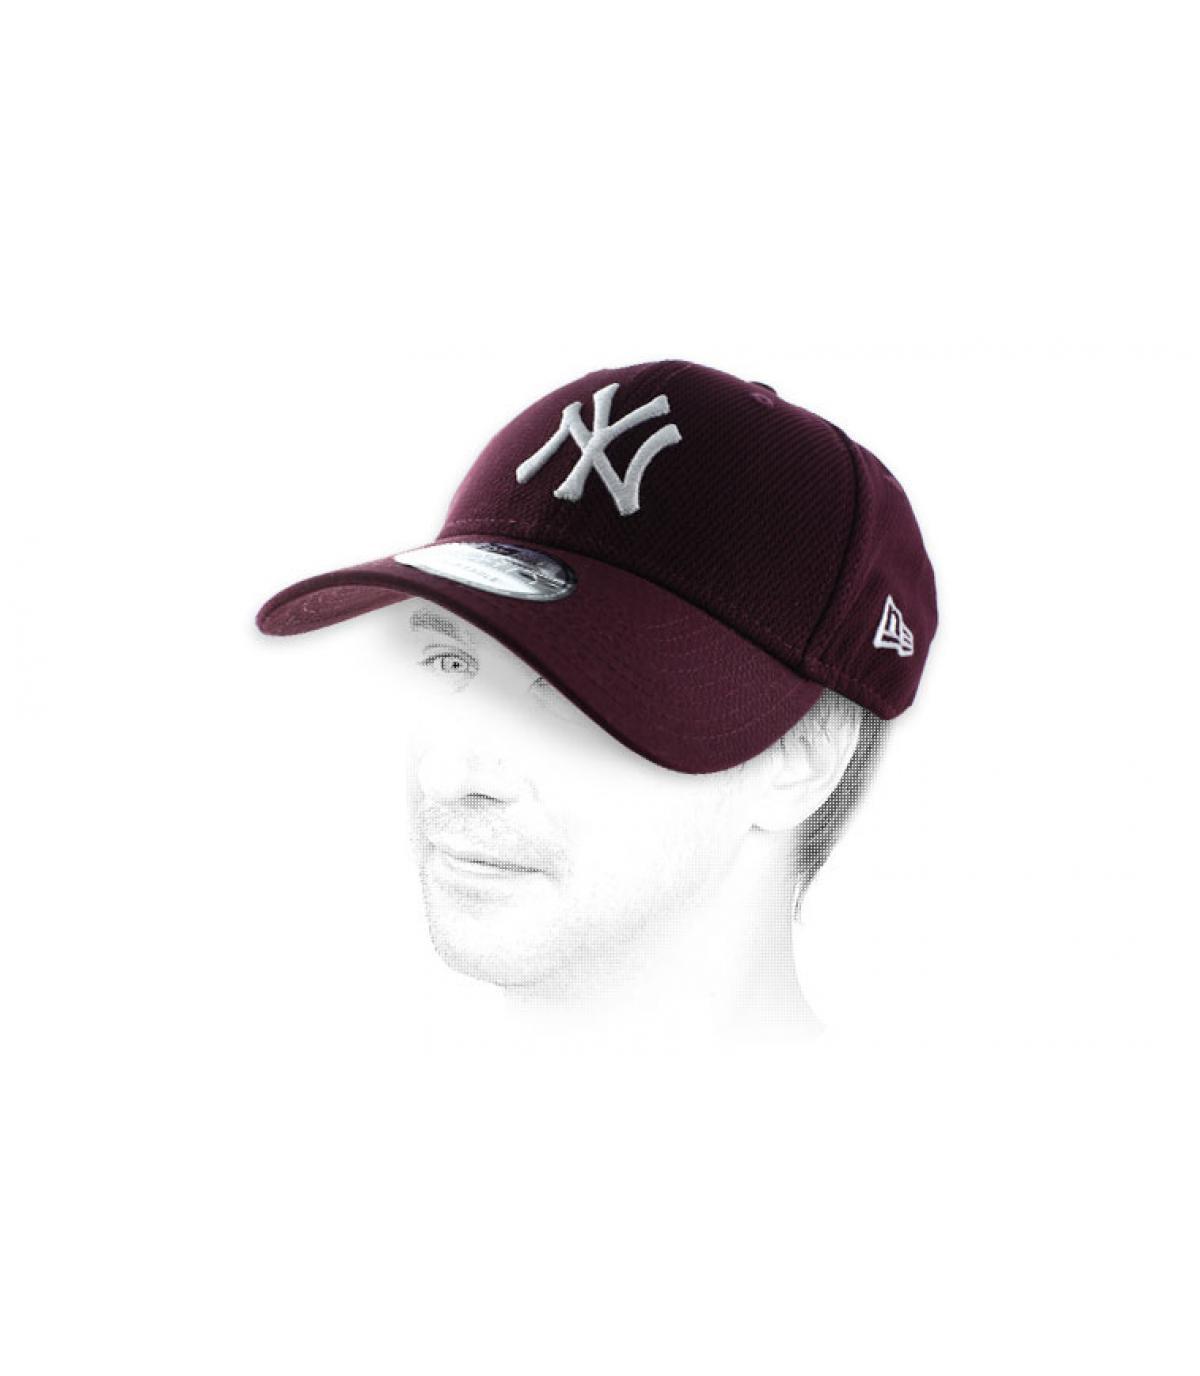 NY gorra de diamantes burdeos